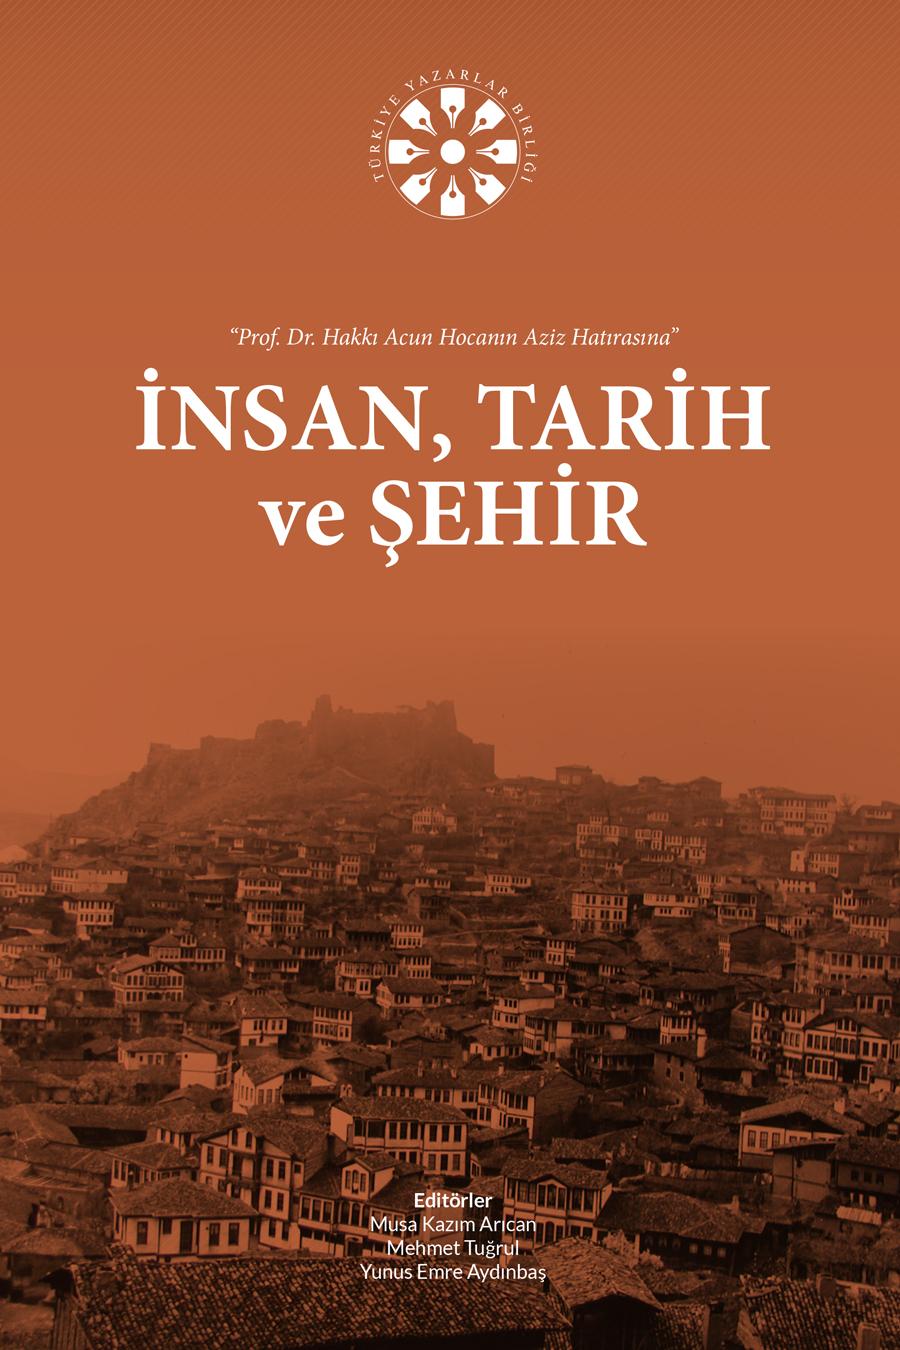 insan-tarih-şehir-kitap-1